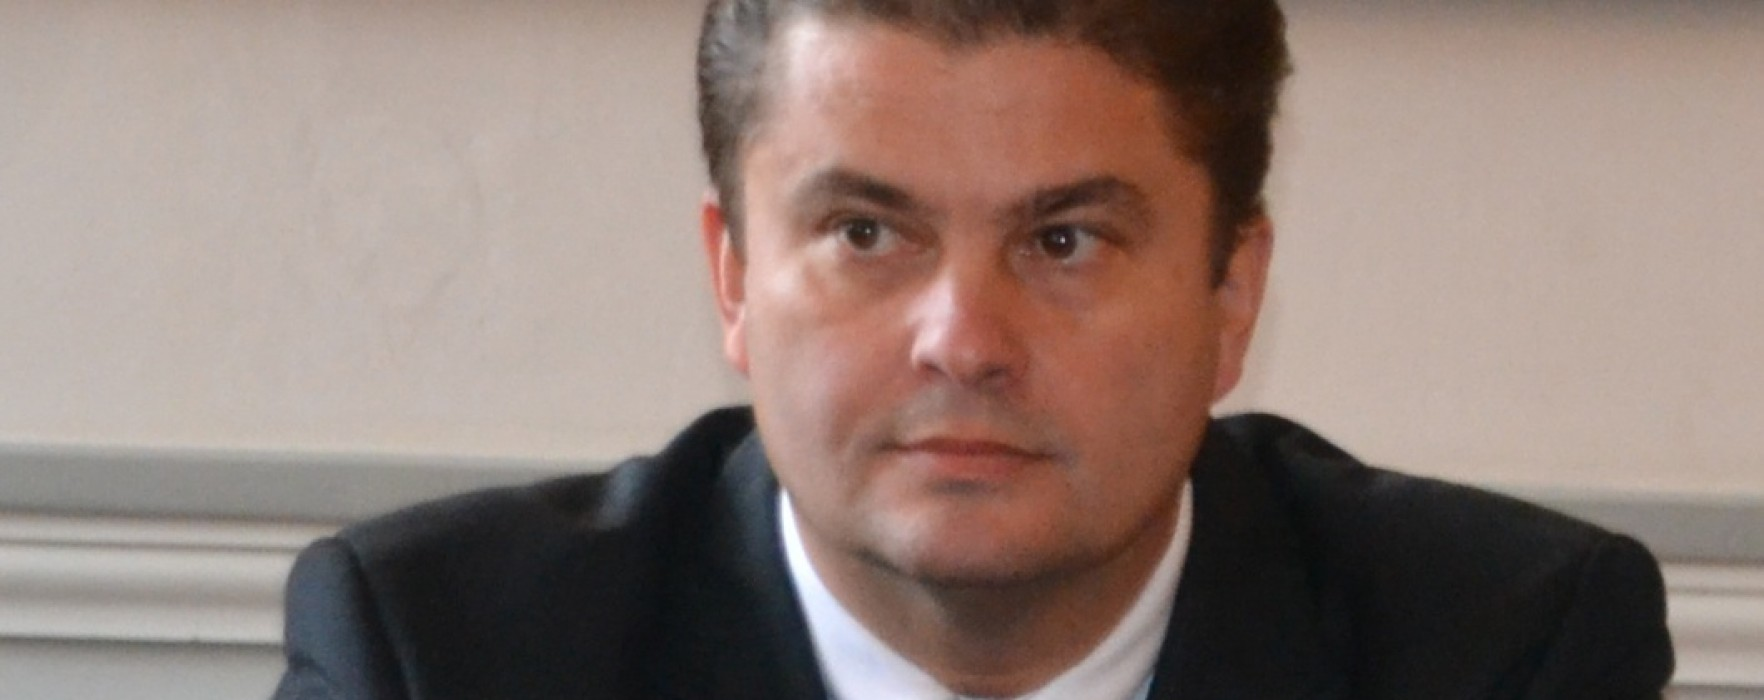 Deputatul Florin Popescu, trimis în judecată pentru conflict de interese